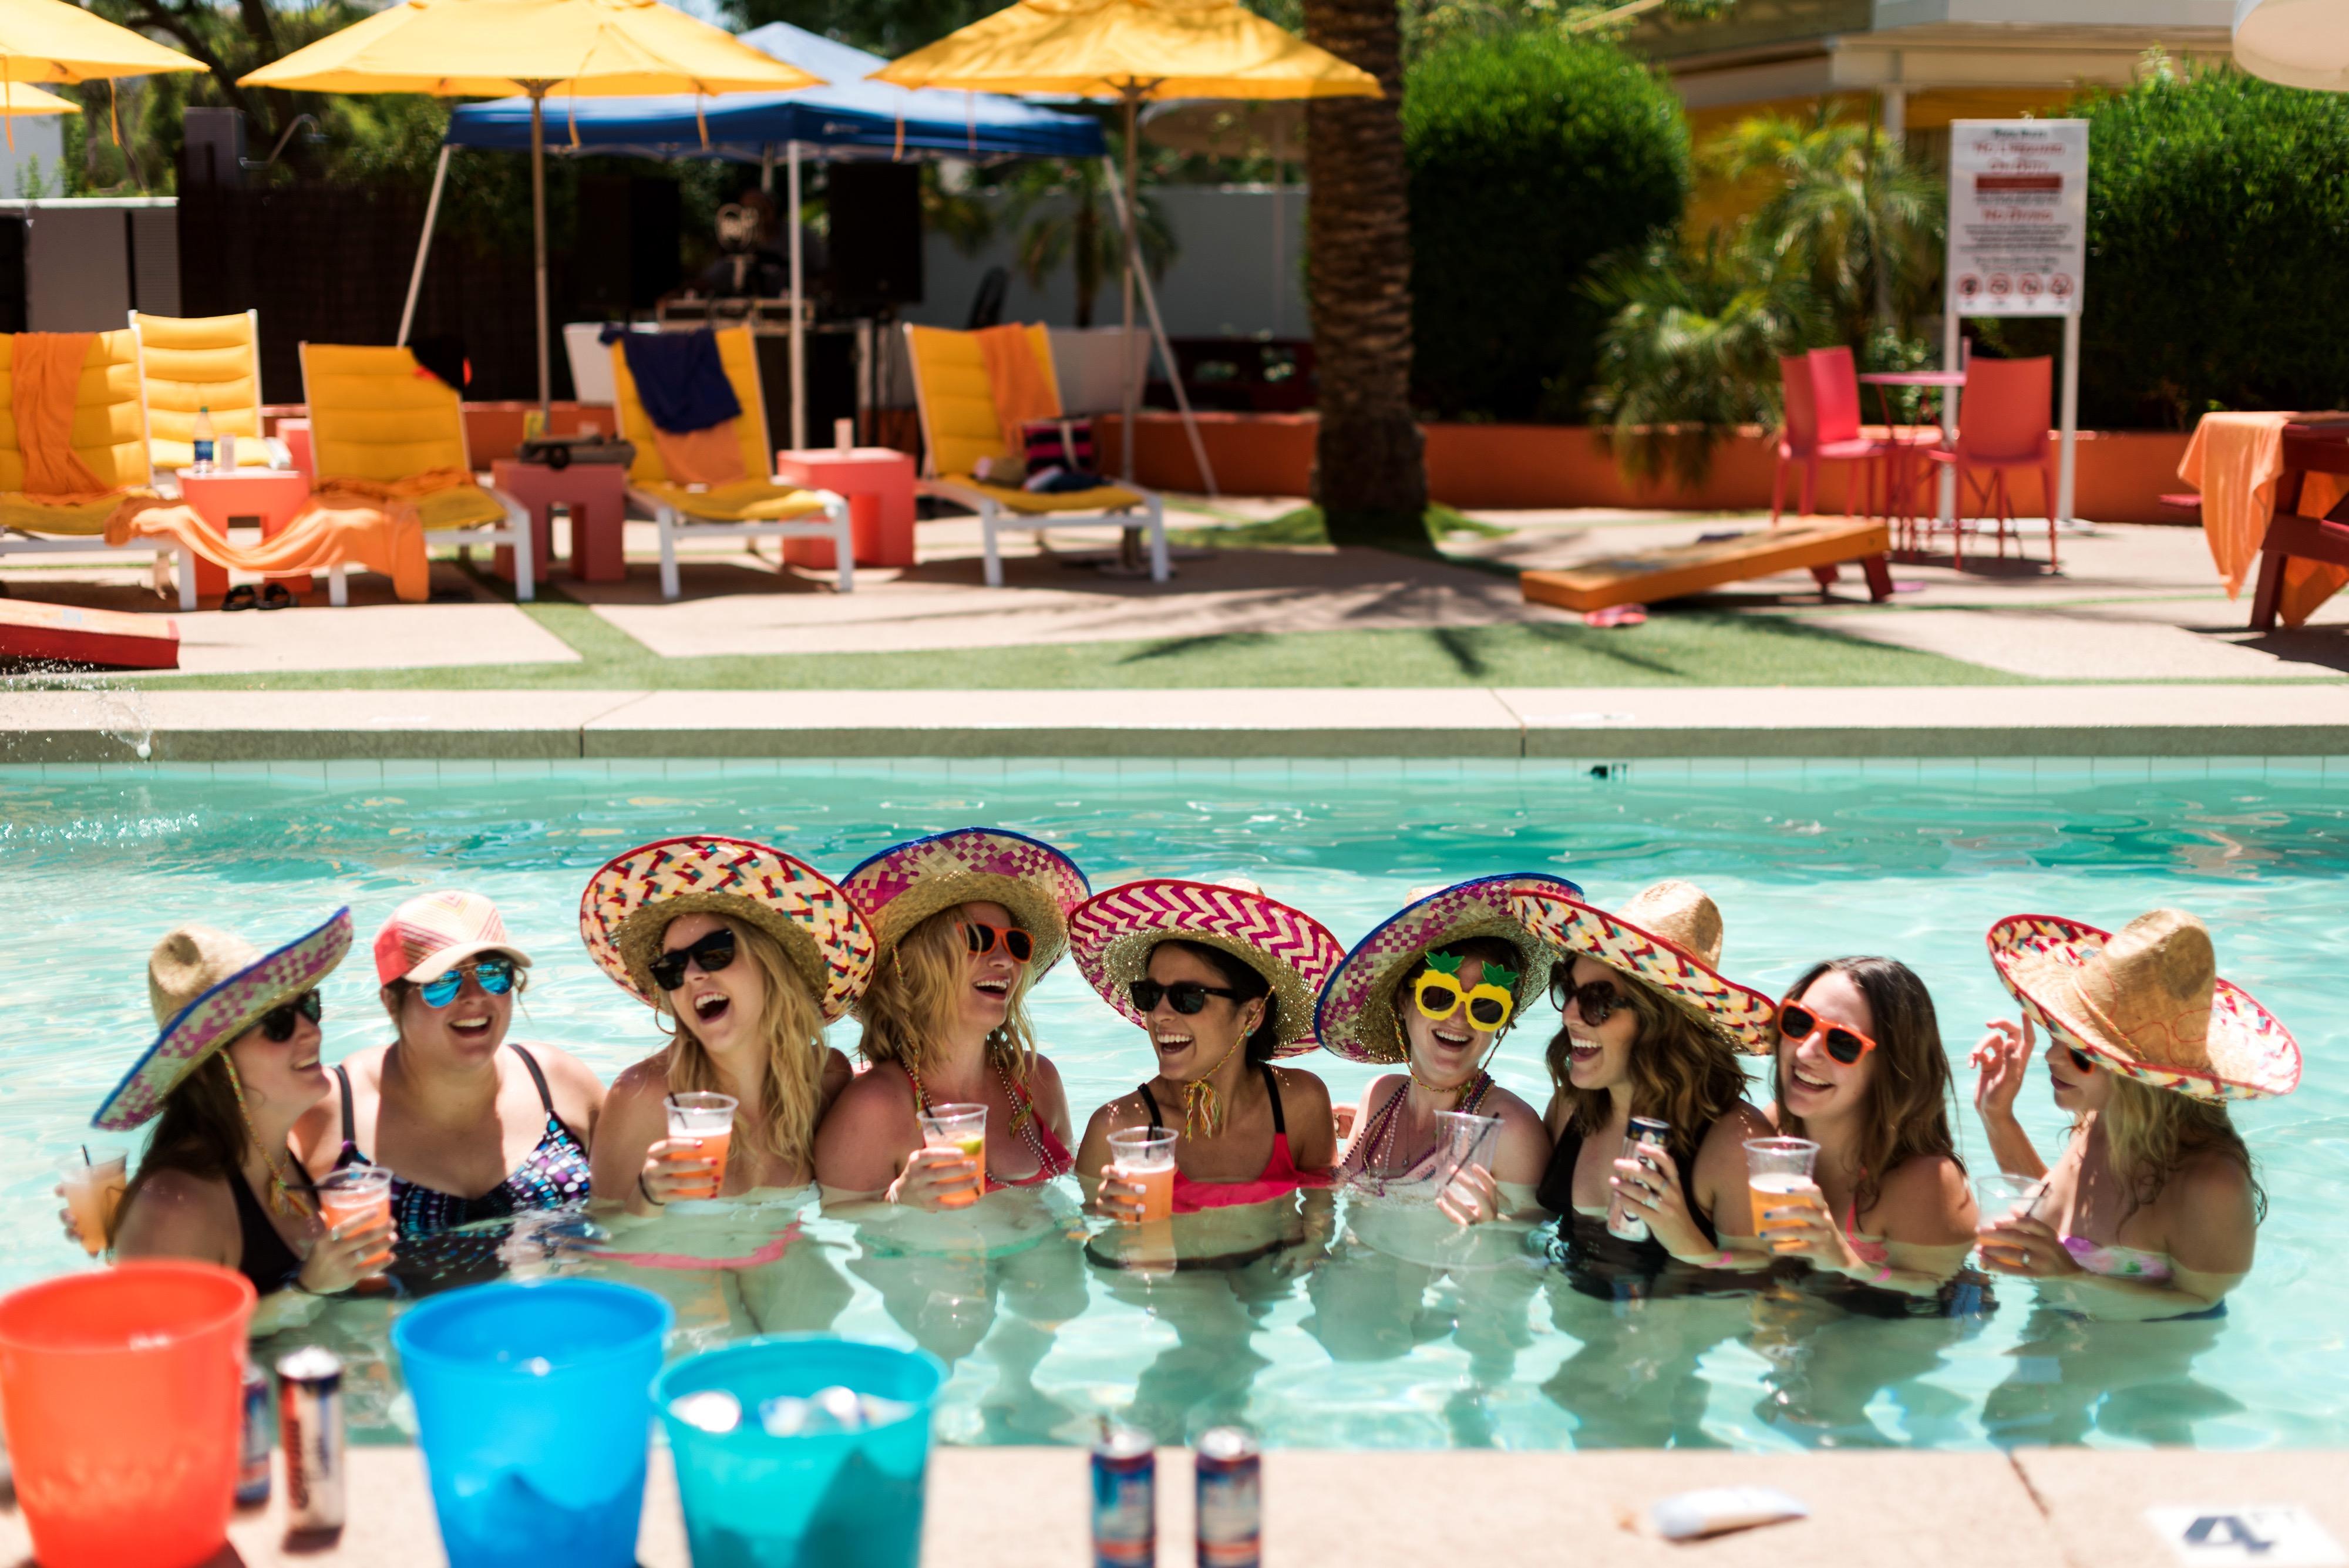 Картинки как устроить вечеринку возле бассейна порно домашнее смотреть